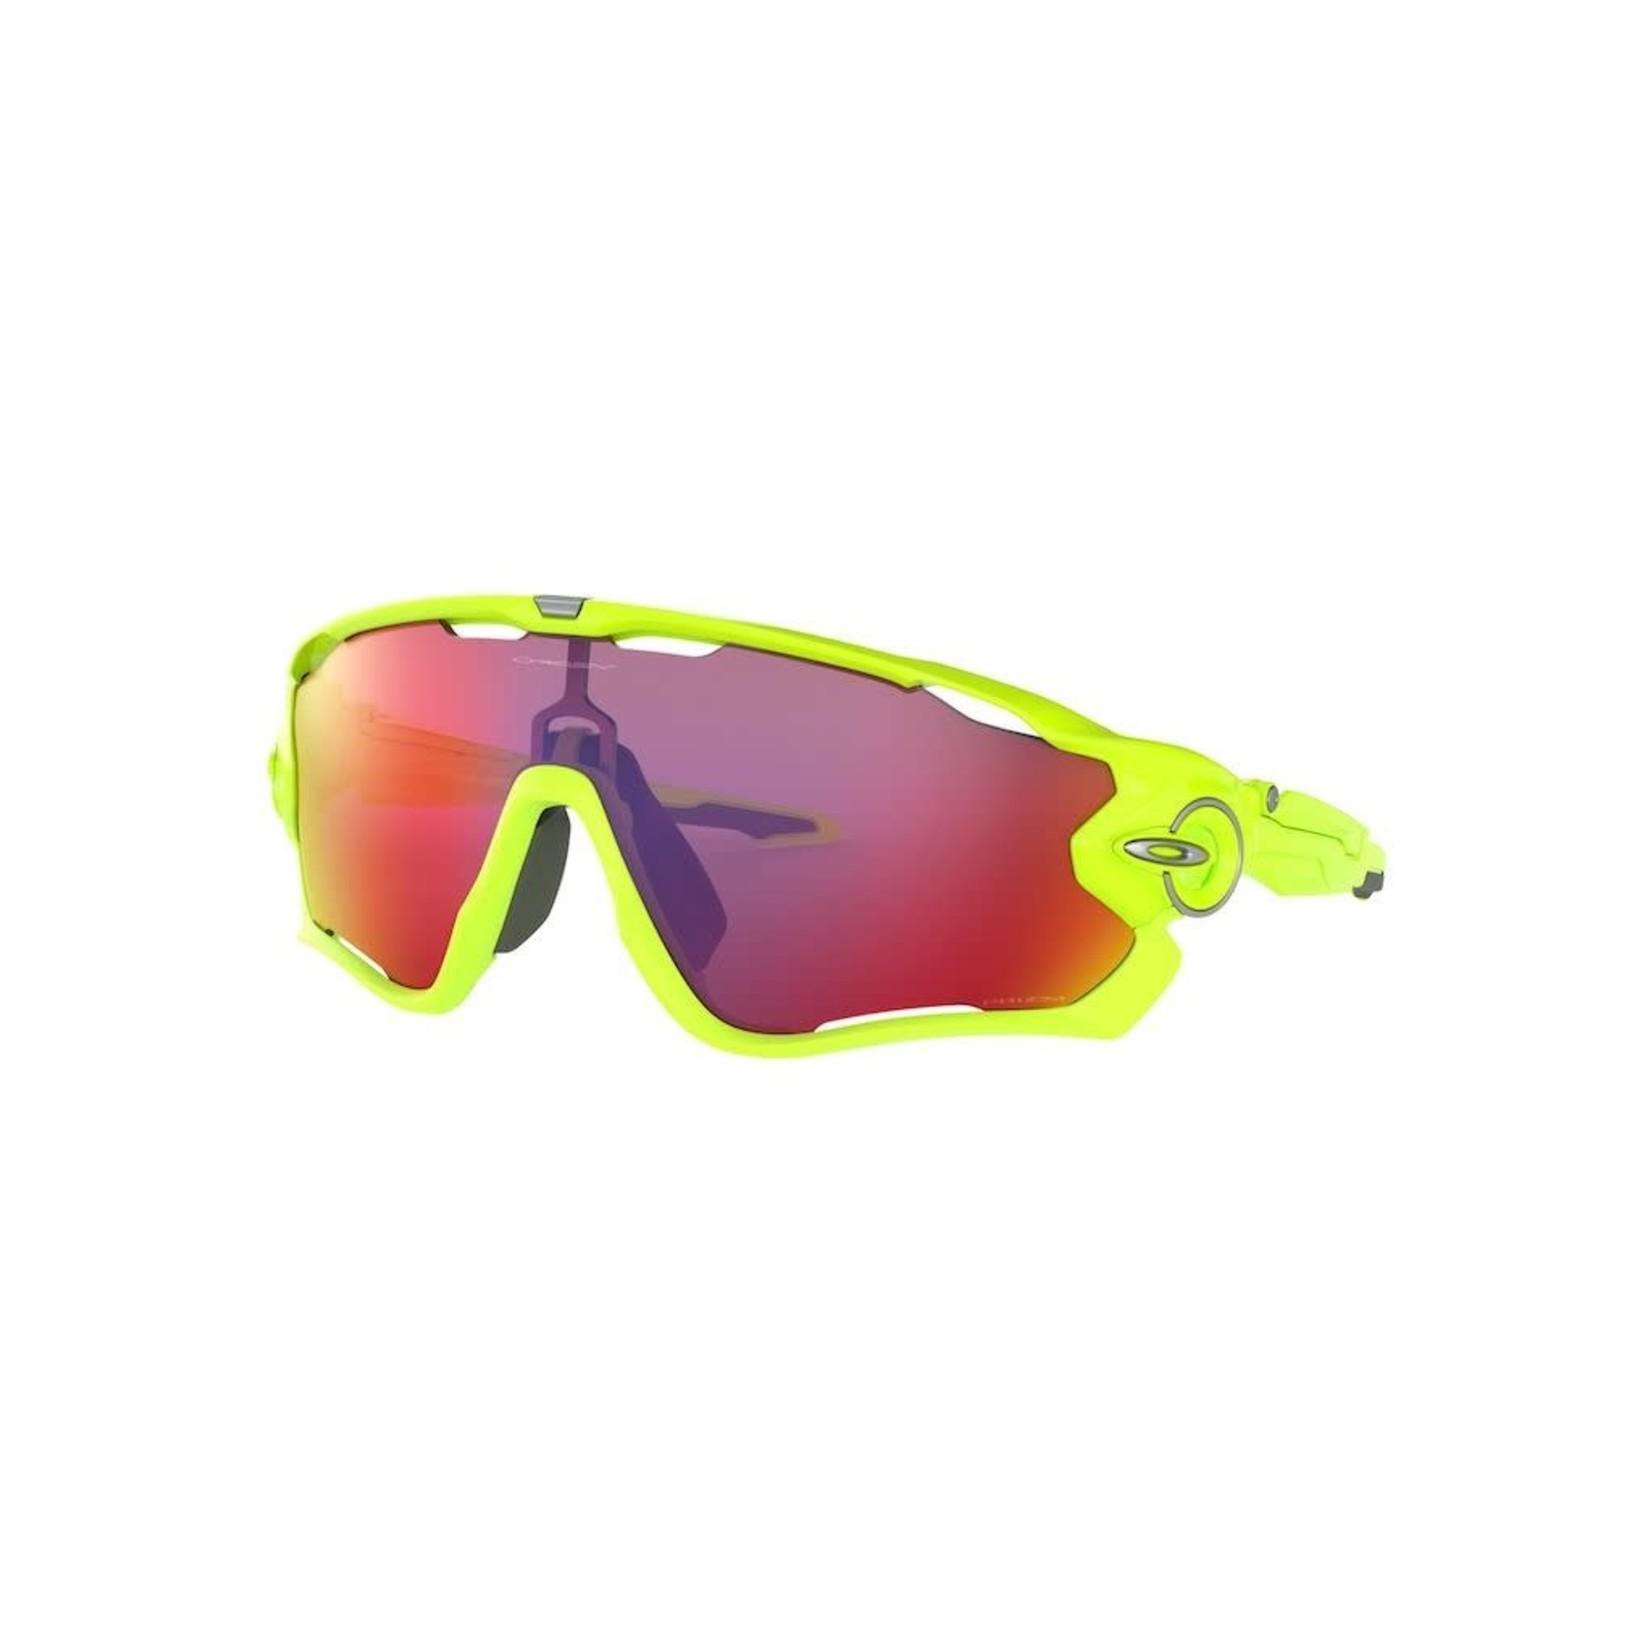 Oakley Oakley Jawbreaker Prizm Road Retina Burn Collection Retina Burn/Prizm Road